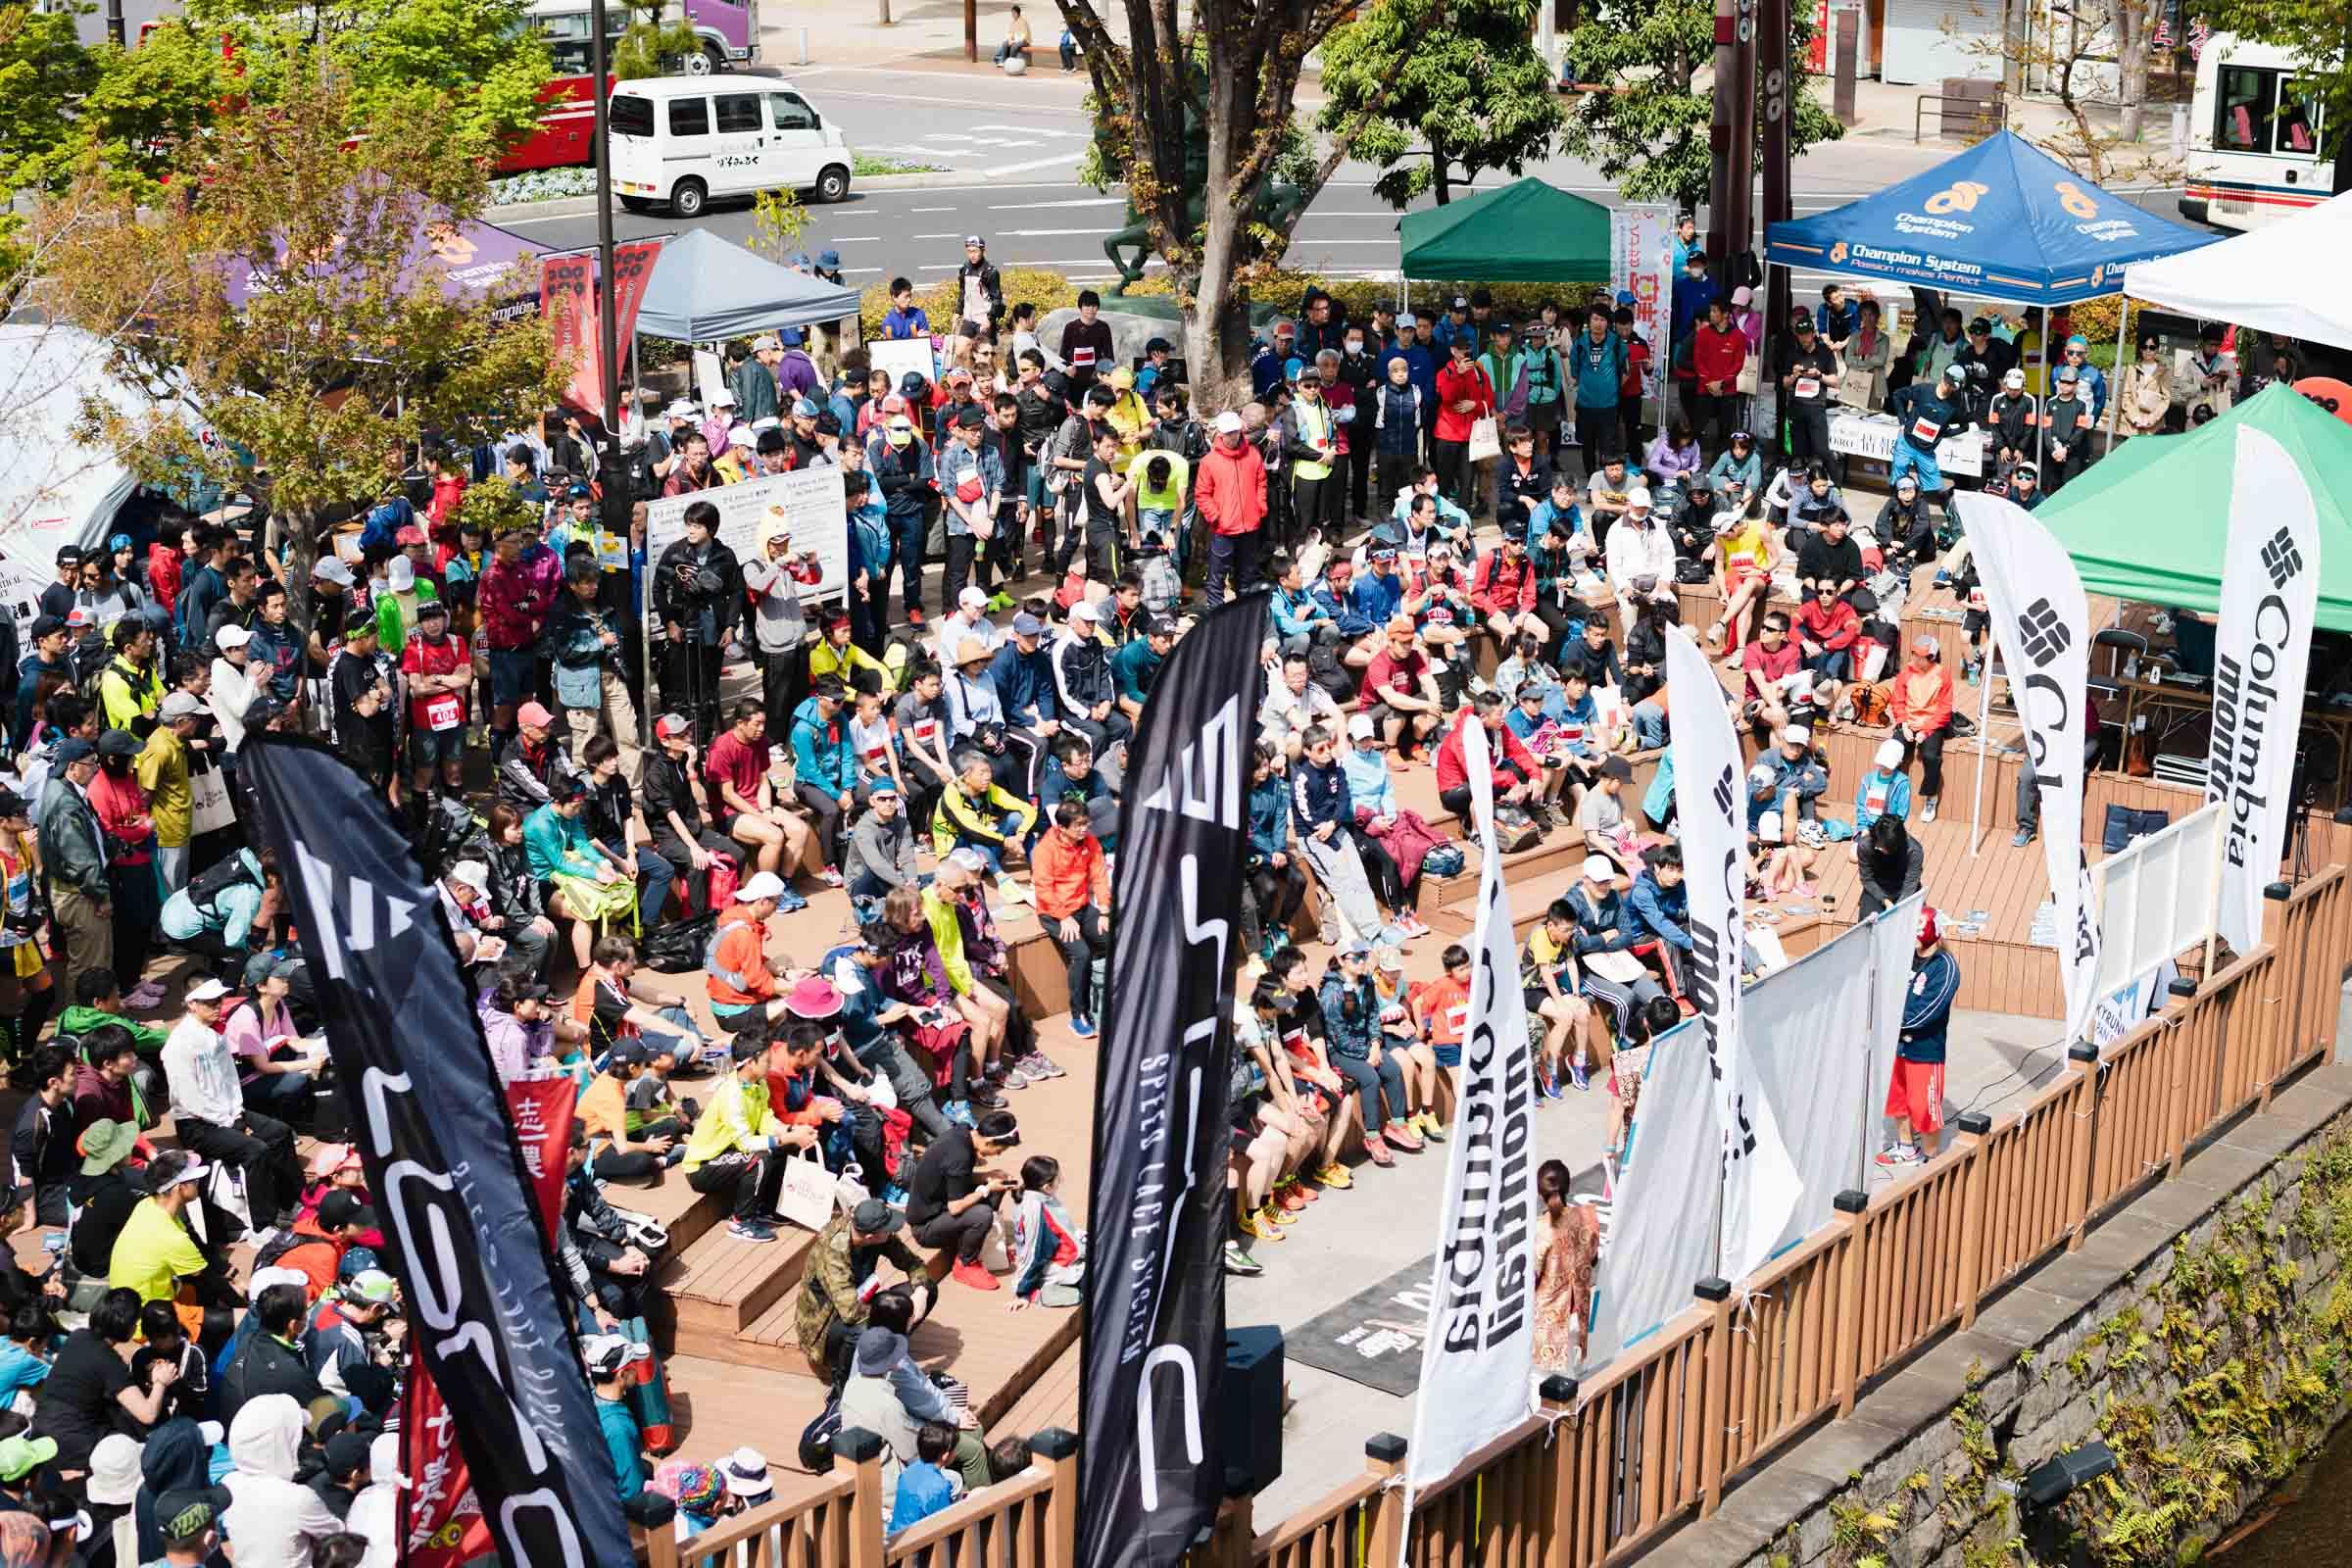 700名以上がエントリーしたバーティカル。5km程度の山岳レースとして世界最大規模。 ©UEDA VERTICAL RACE